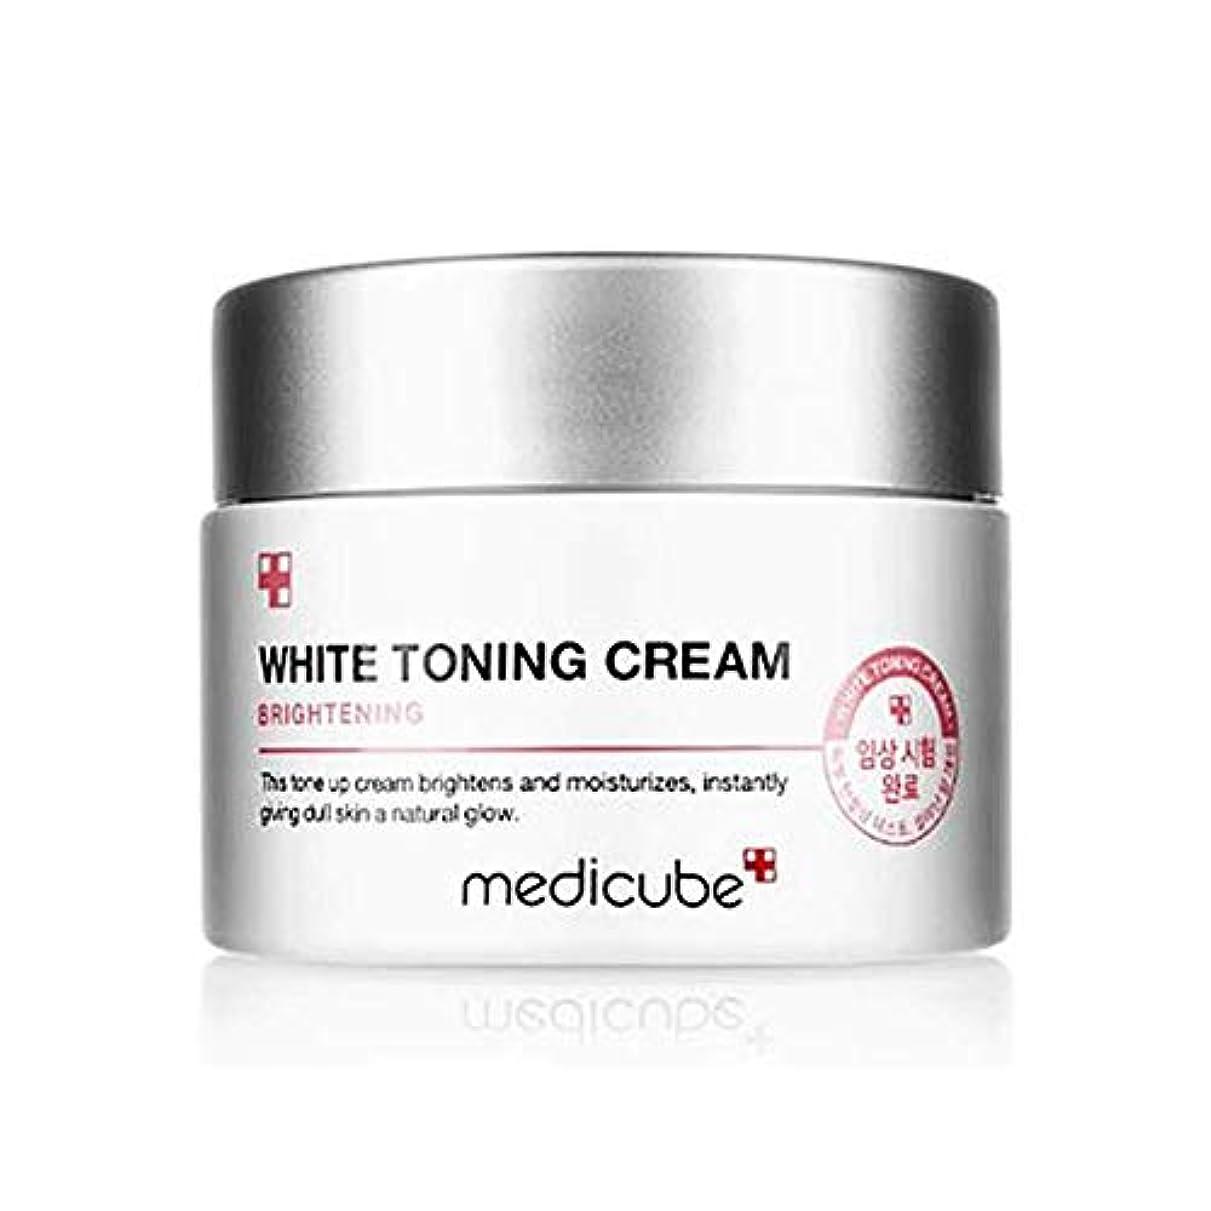 またね分泌する実験Medicube WHITE TONING CREAM メディキューブ ホワイトトーニングクリーム 55ml [並行輸入品]